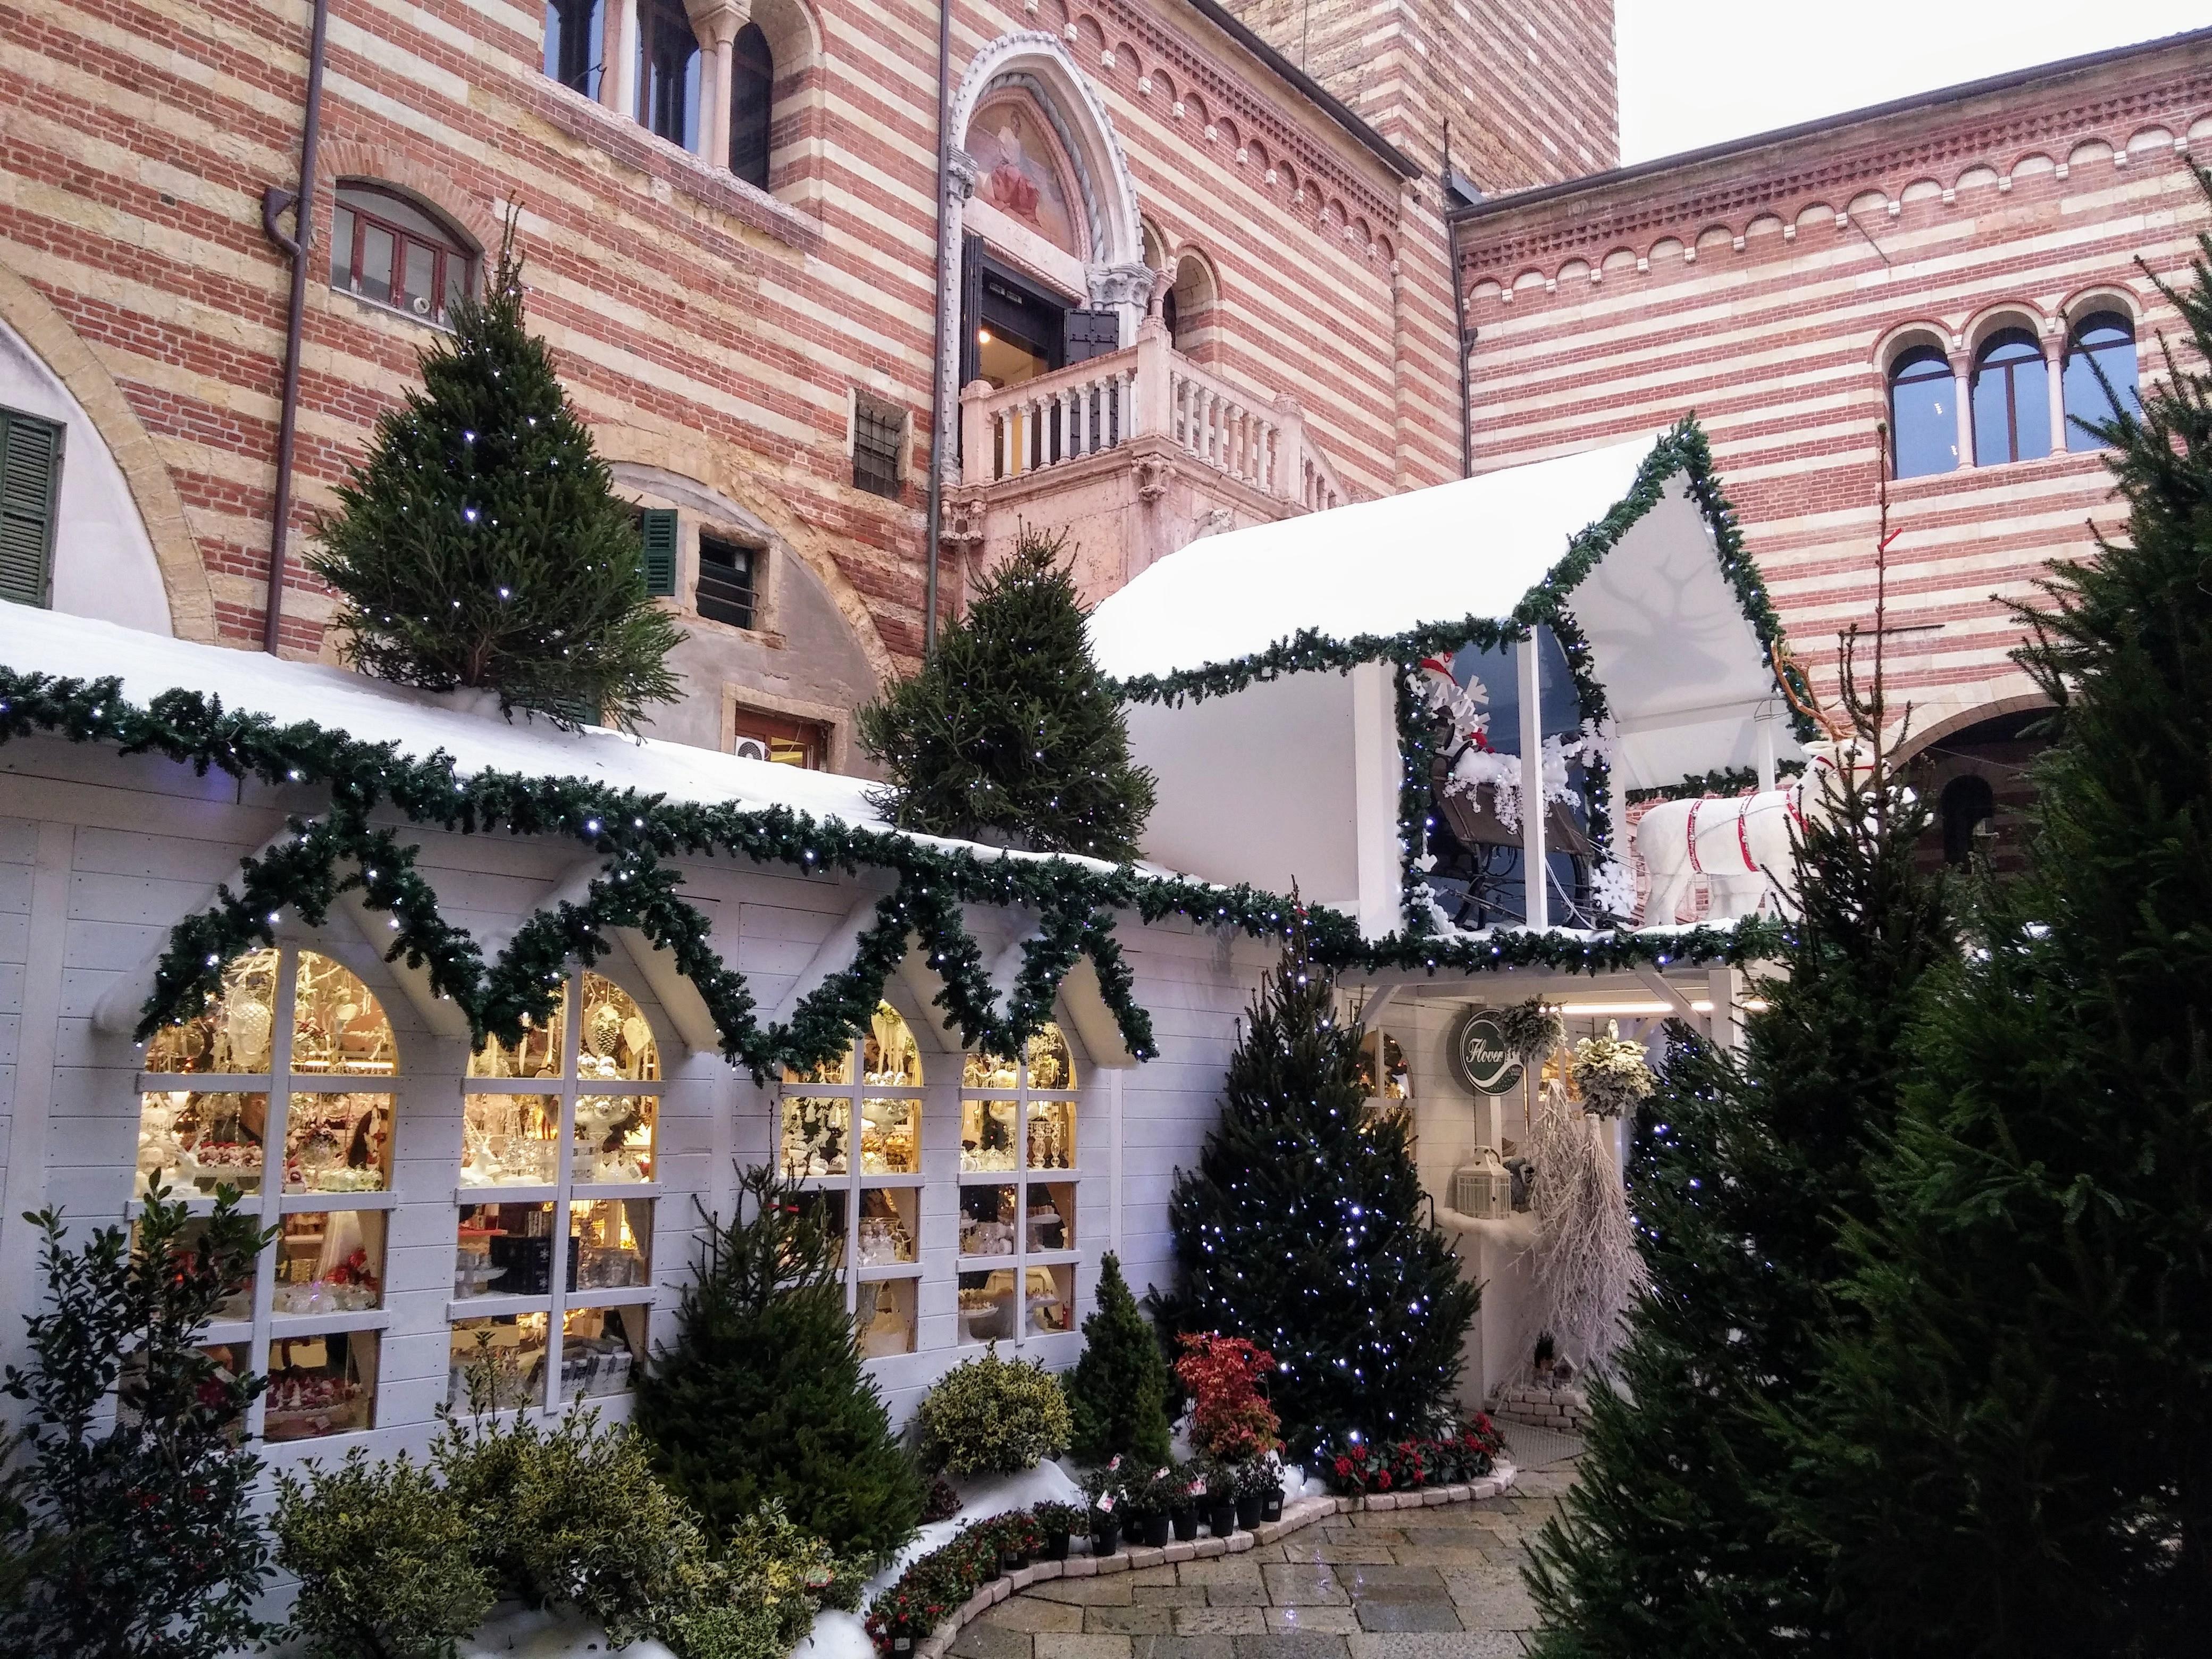 Natale a Verona: tutta la città a tema natalizio!